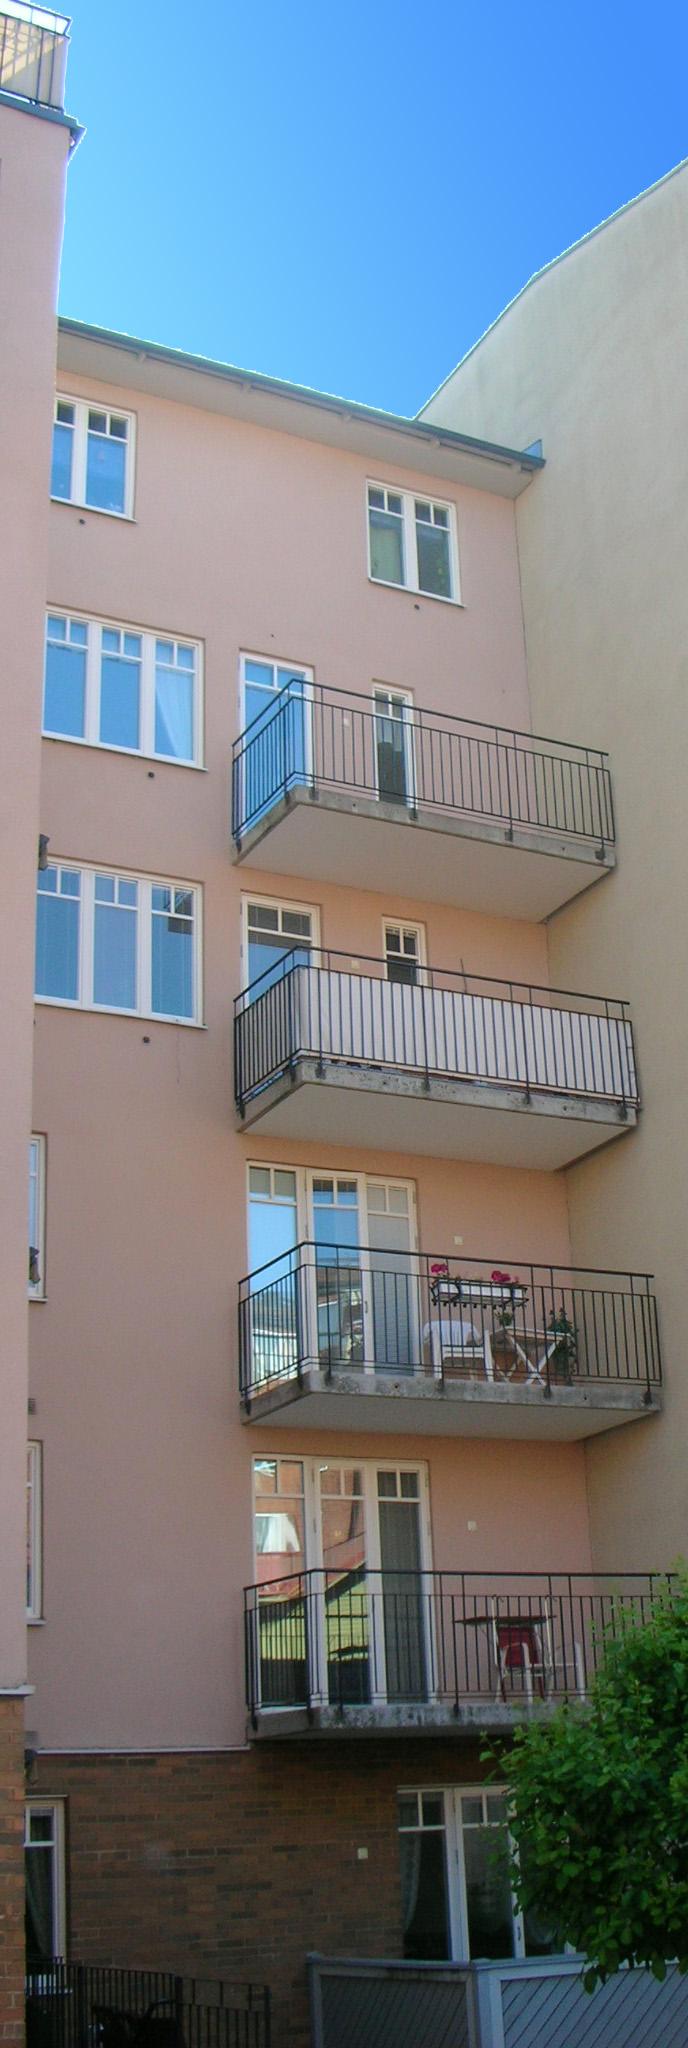 brushanen2_balkonger_baksida_2